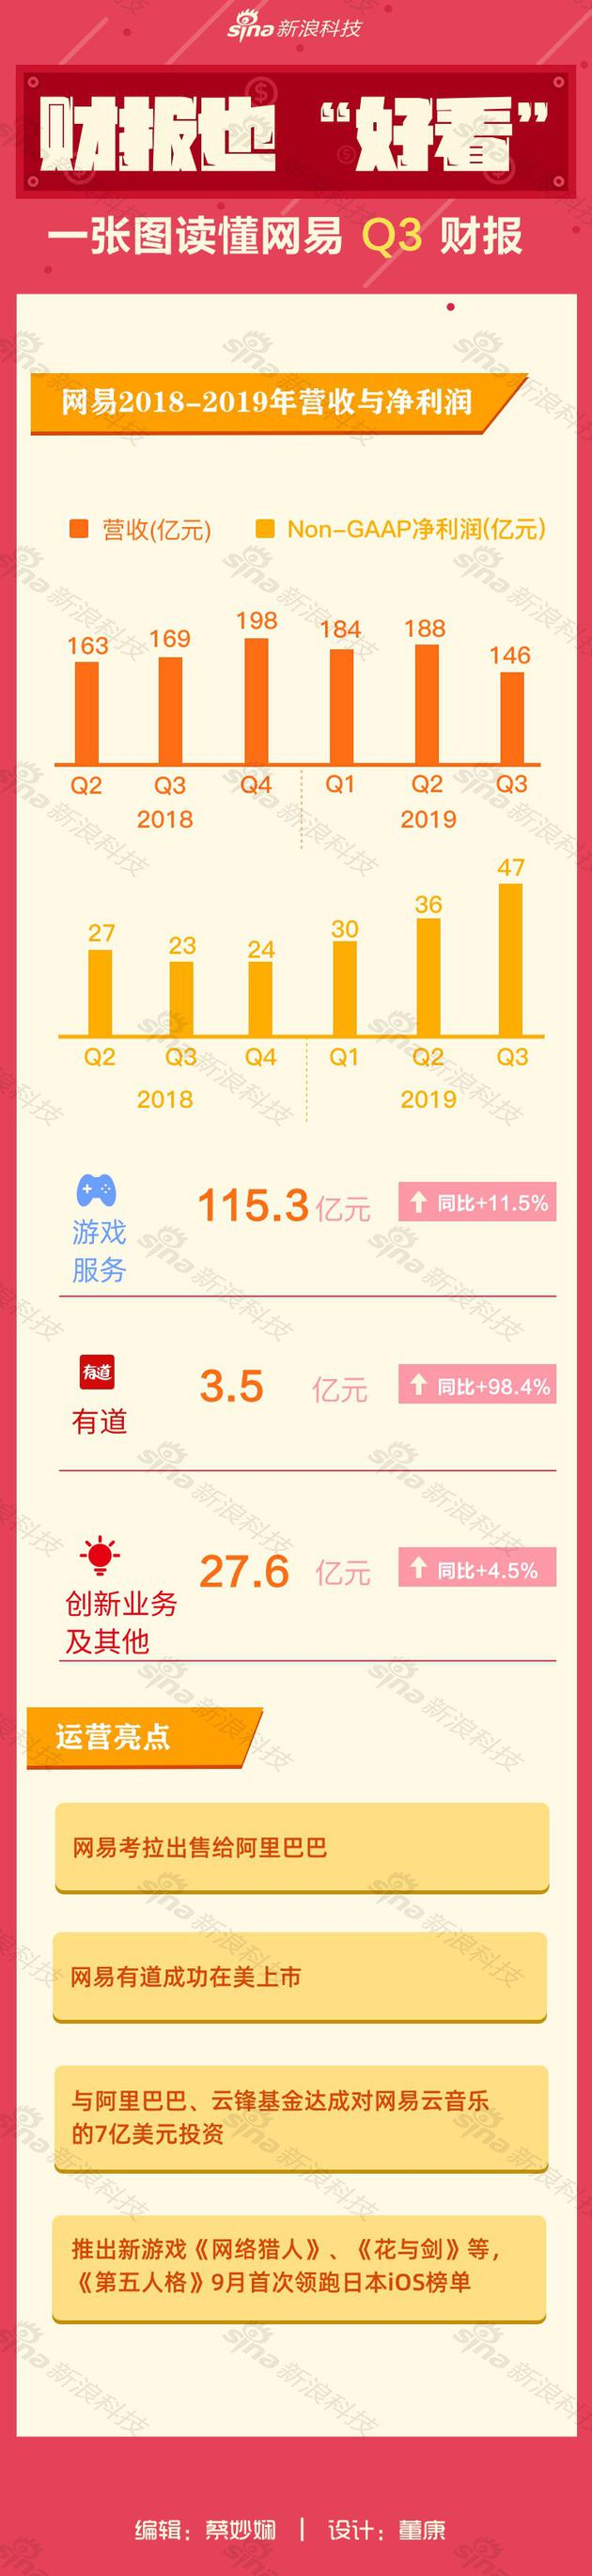 拉菲2手机客户端 - 中国海军护卫舰数量破百 舷号规律或将打破 网友戏言:要摇号